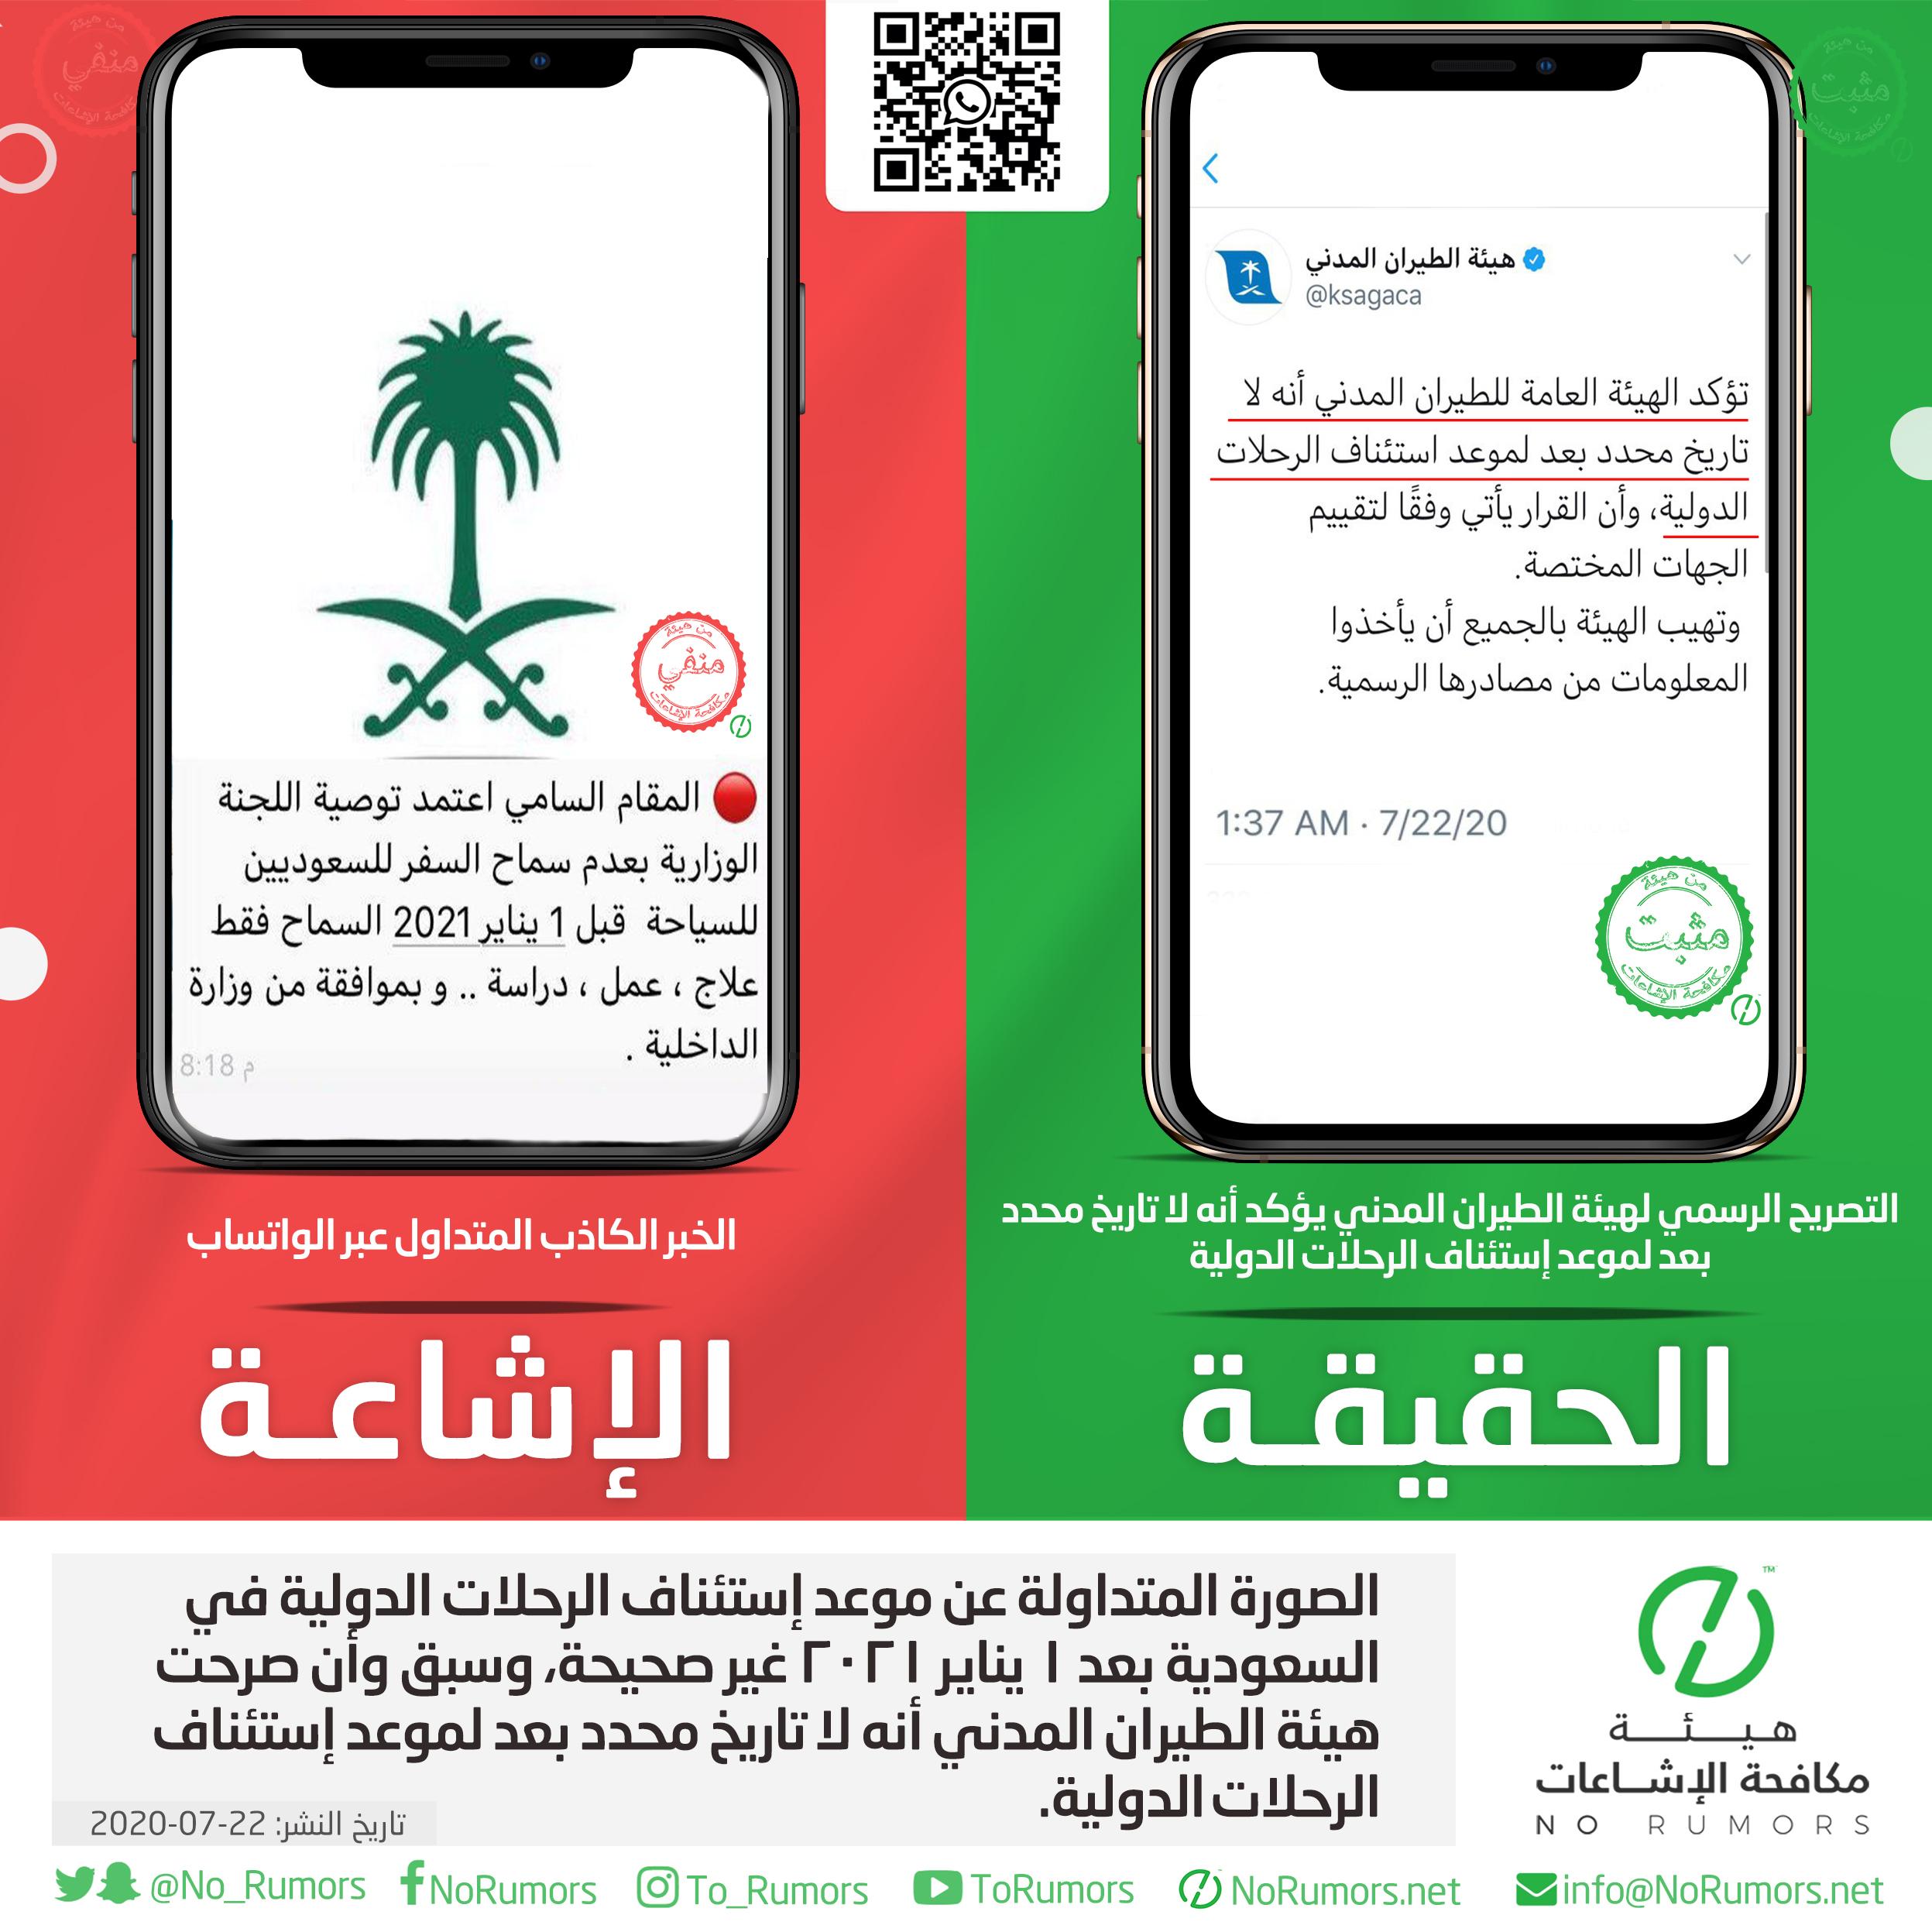 حقيقة الصورة المتداولة عن موعد إستئناف الرحلات الدولية في السعودية بعد ١ يناير ٢٠٢١